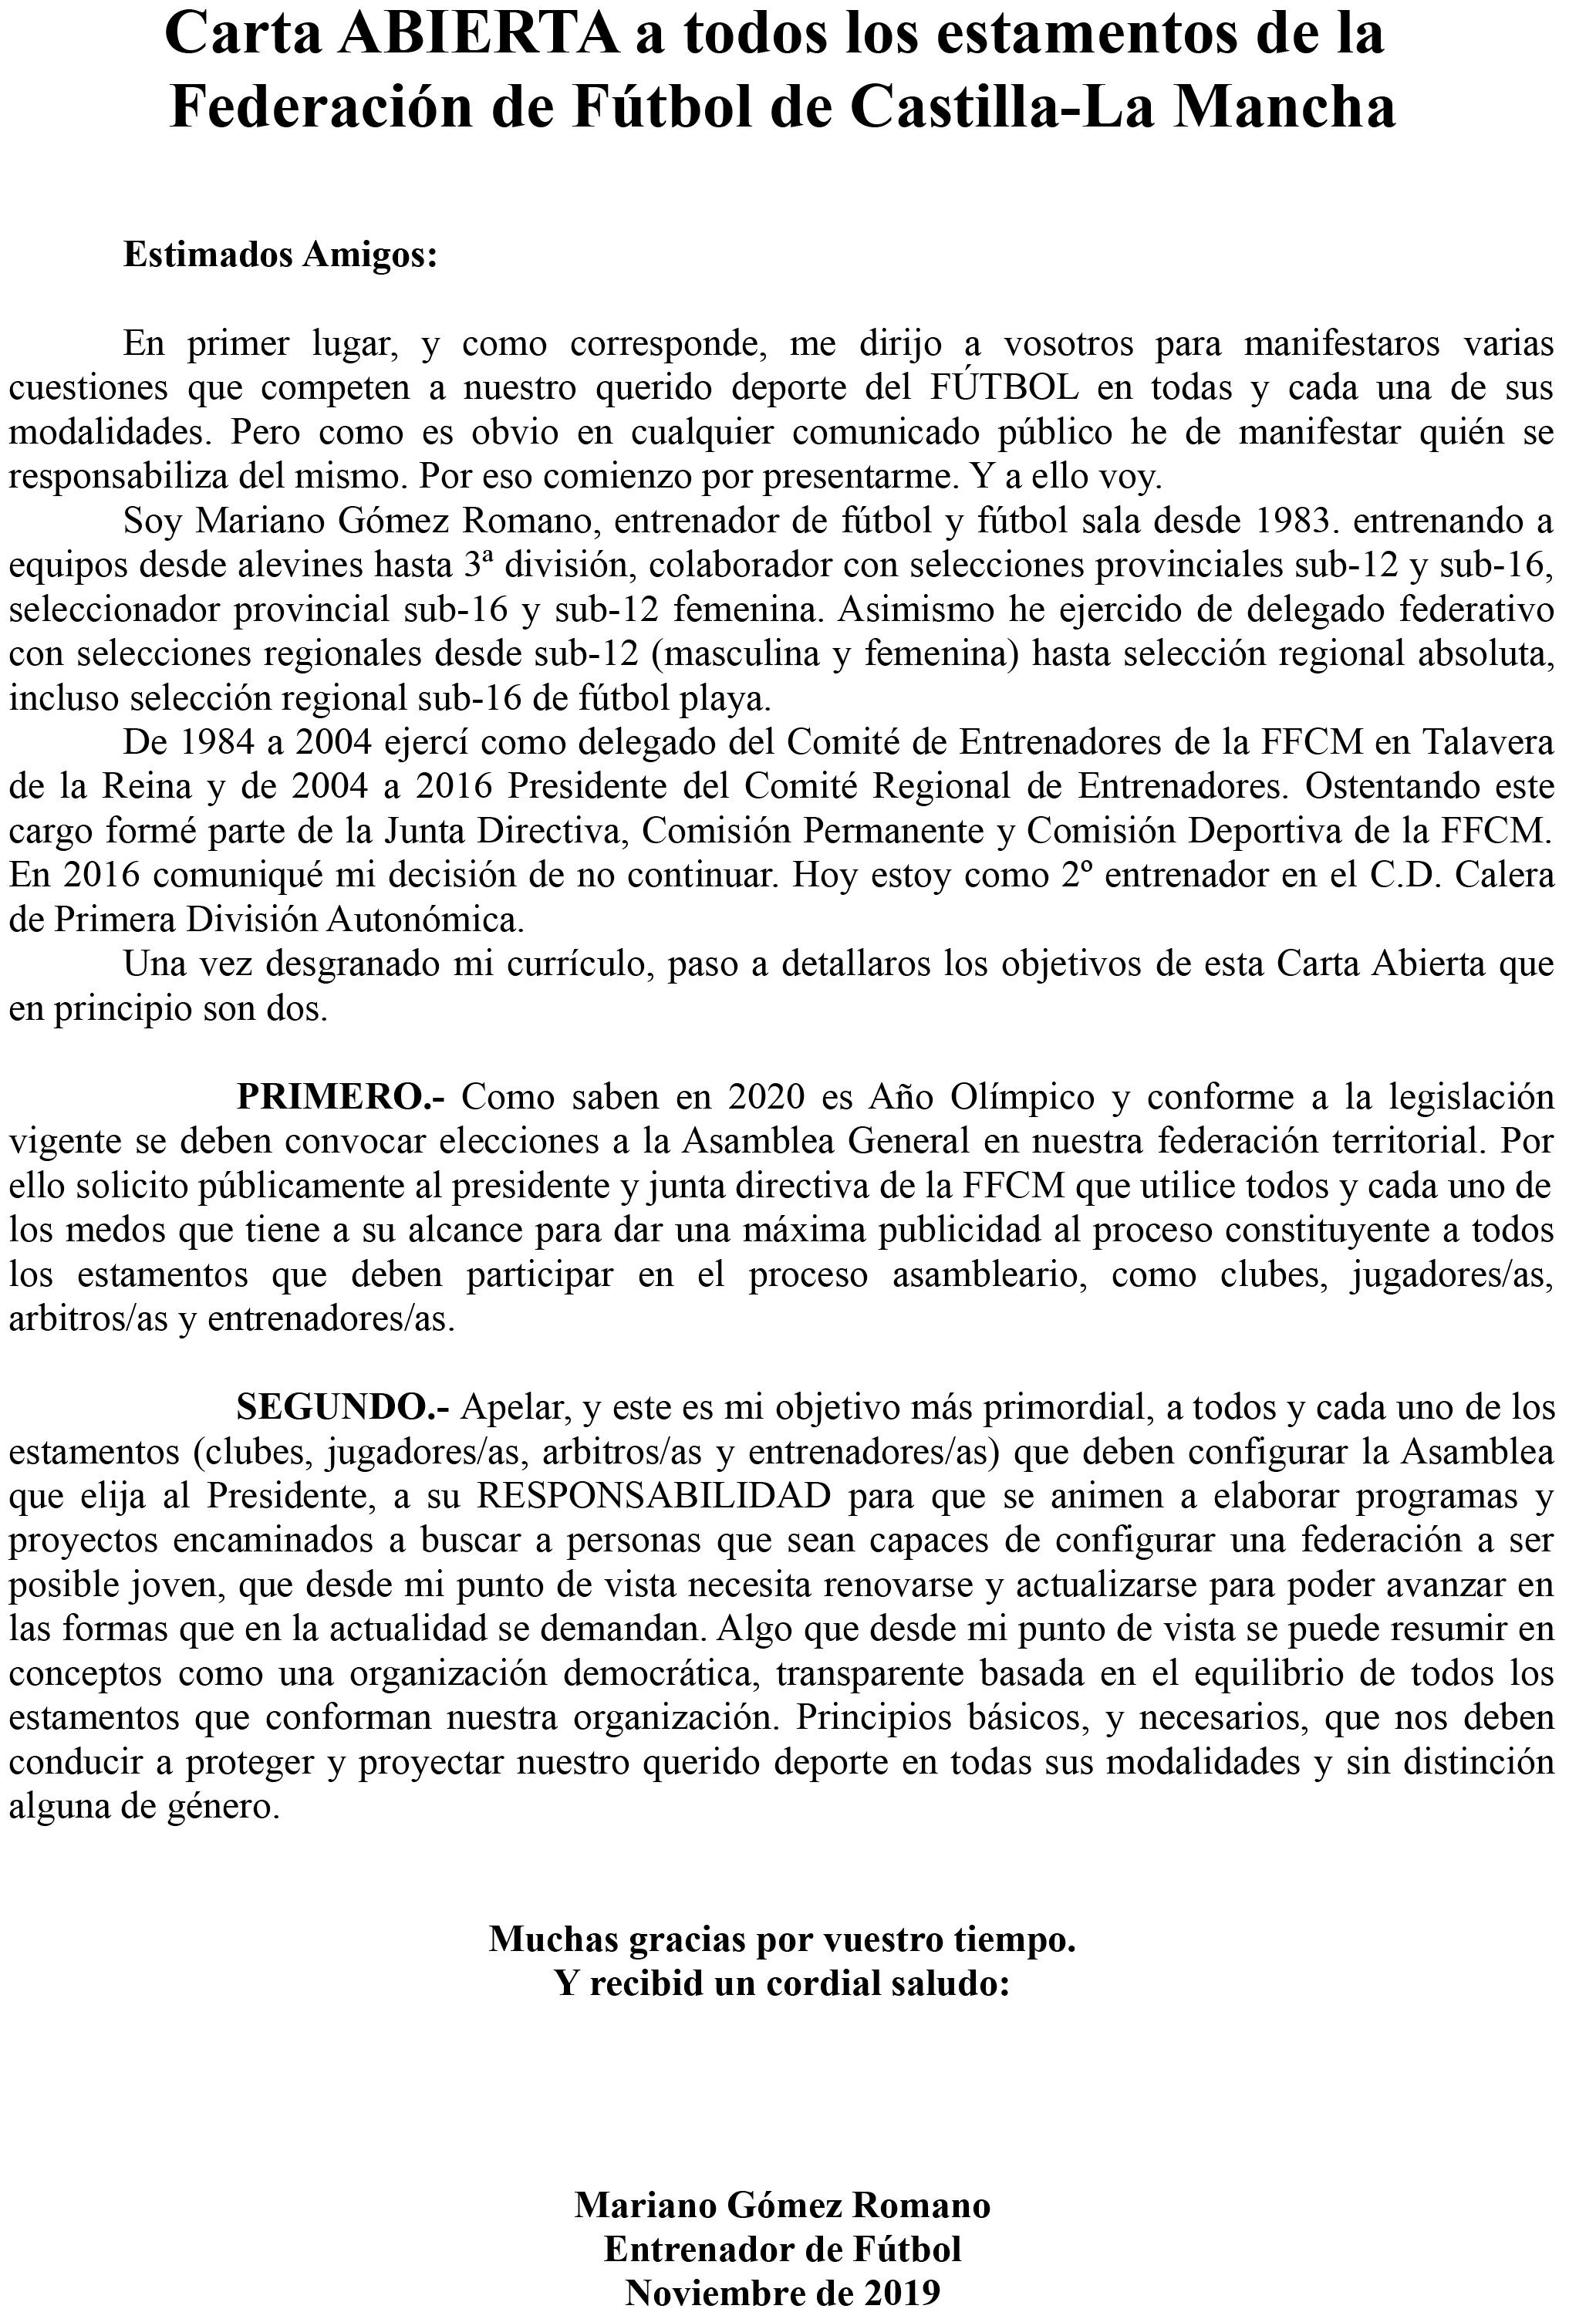 El talaverano Mariano Gómez dispuesto a liderar un nuevo proyecto para la Federación de Fútbol de C-LM - www.lavozdeltajo.com